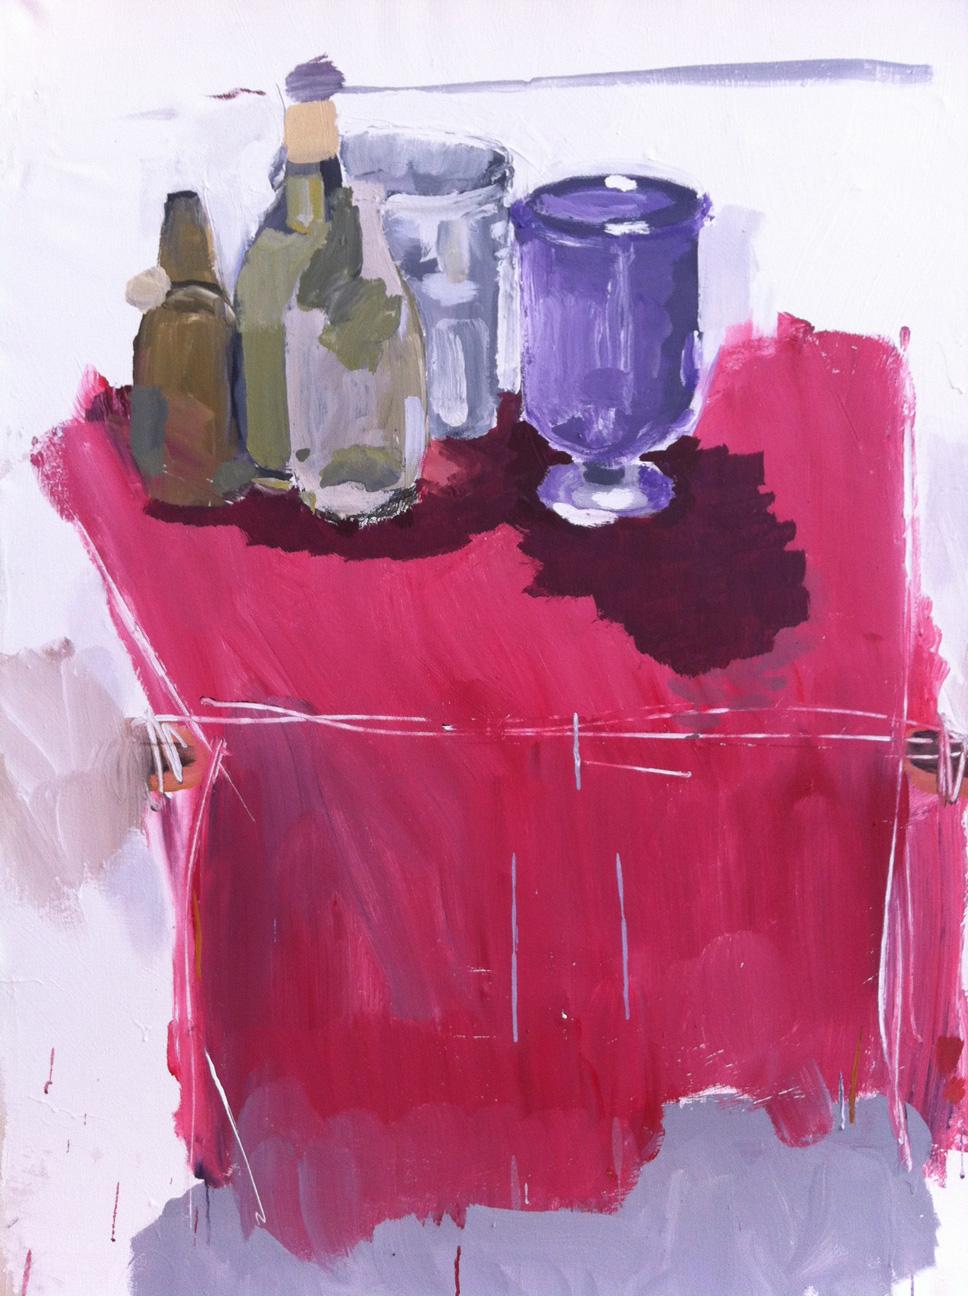 N°7 - Nature morte aux trois bouteilles - Acrylique sur toile - 116 x 89 cm - 15 novembre 2012